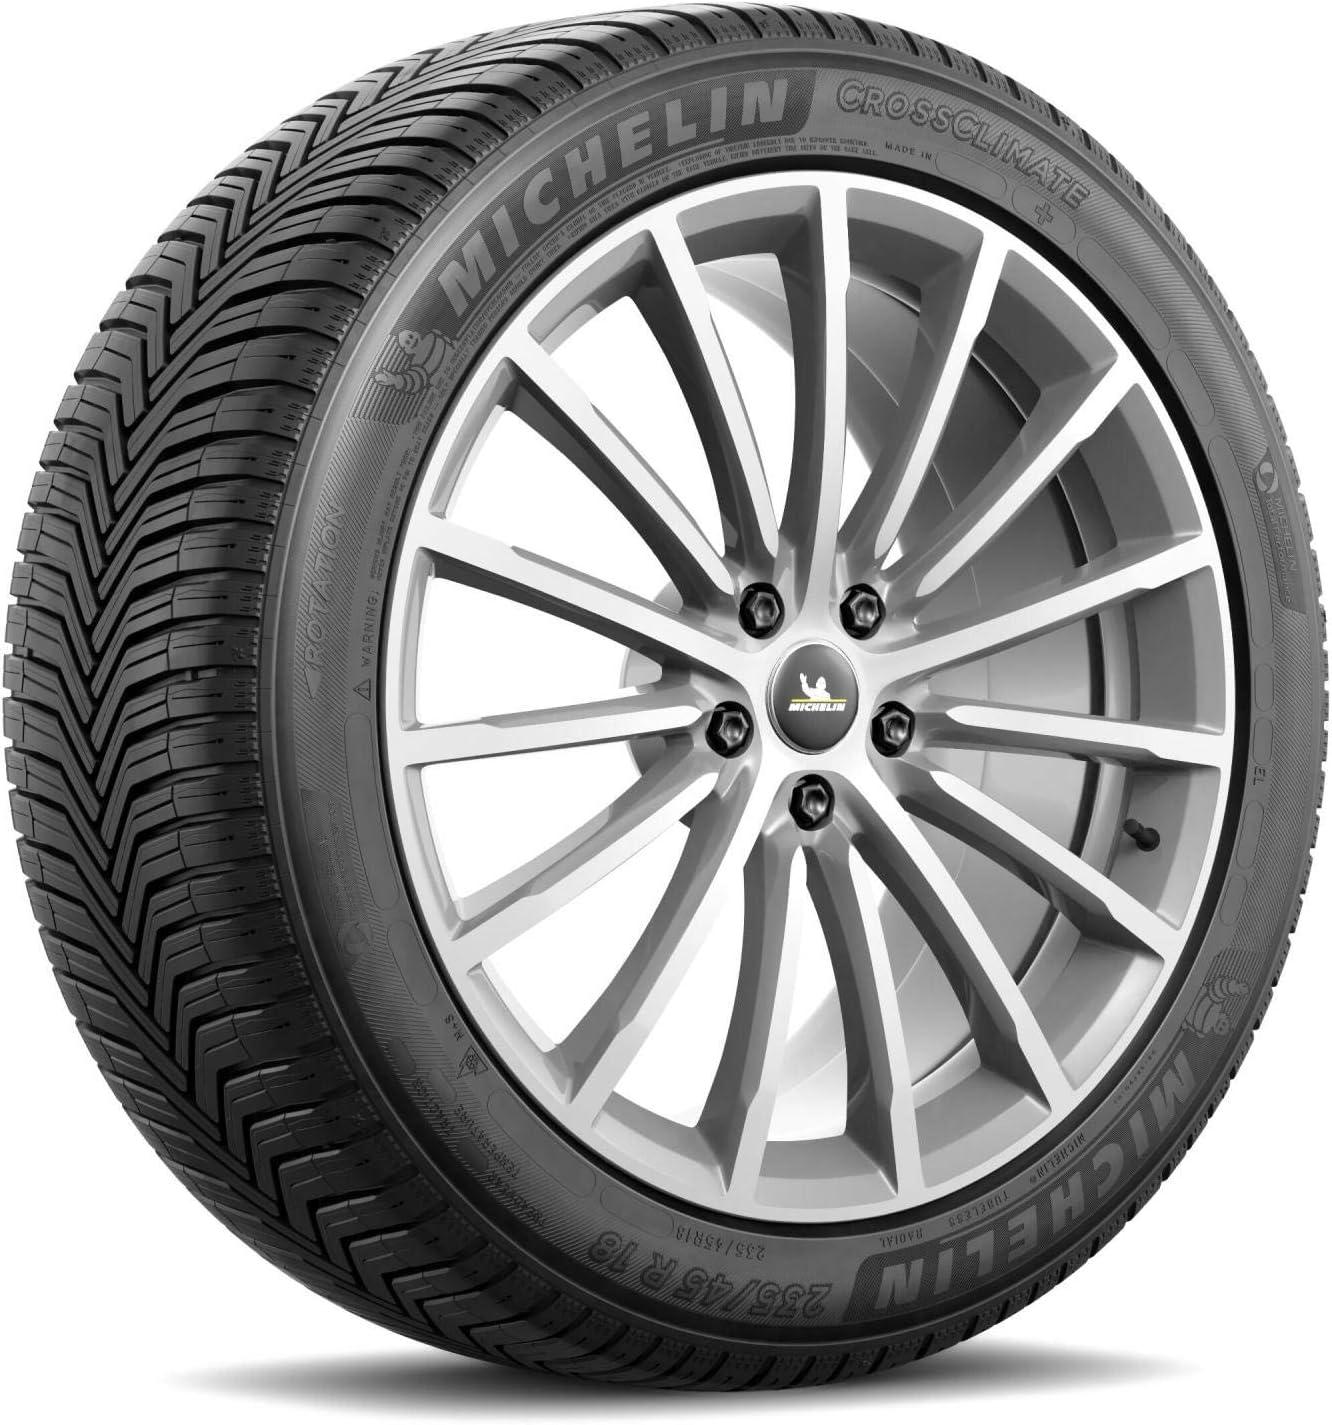 Reifen Alle Jahreszeiten Michelin Crossclimate 235 45 R18 98y Xl Bsw Auto